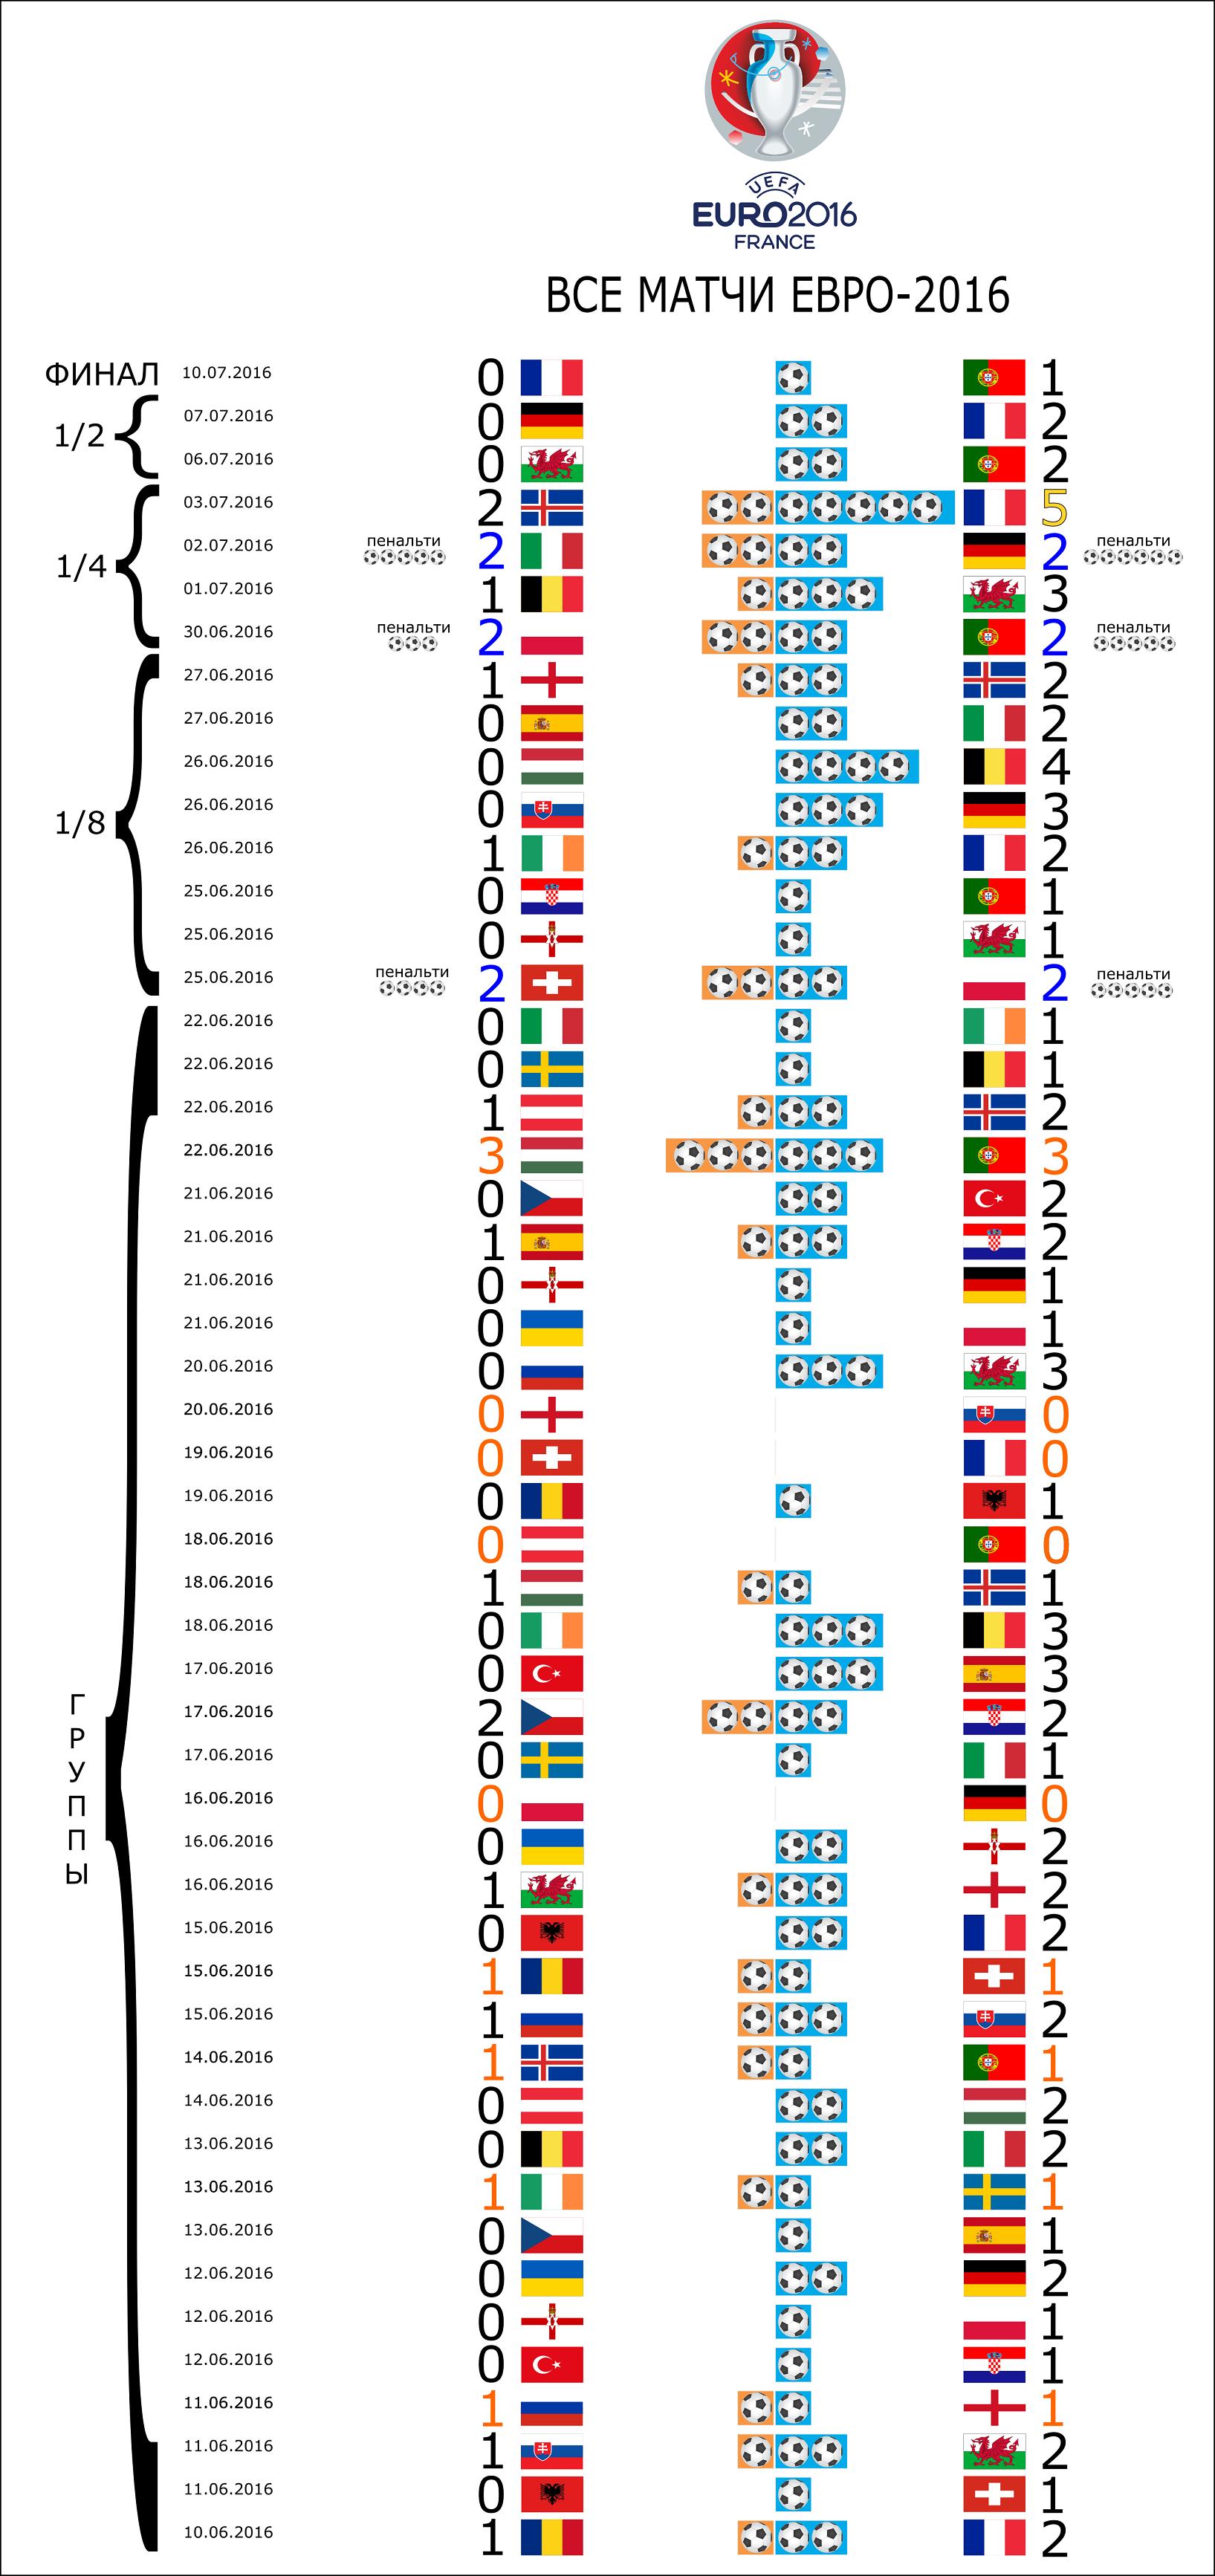 Визуализация статистики ЕВРО-2016 с помощью Python и Inkscape - 7